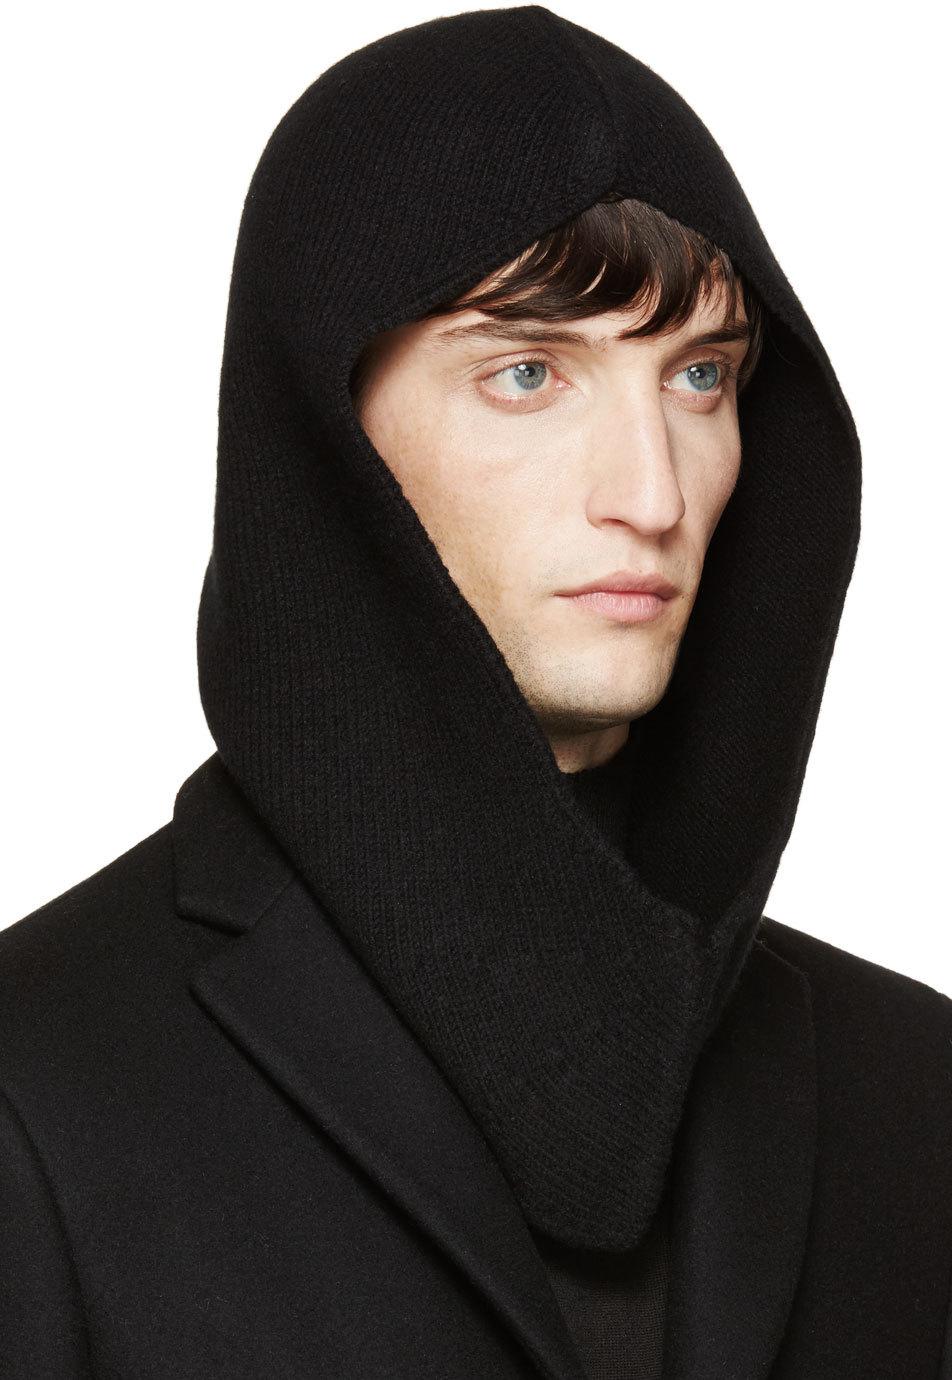 Lyst - Rick Owens Black Wool Moog Hood in Black for Men 0808aff839c4